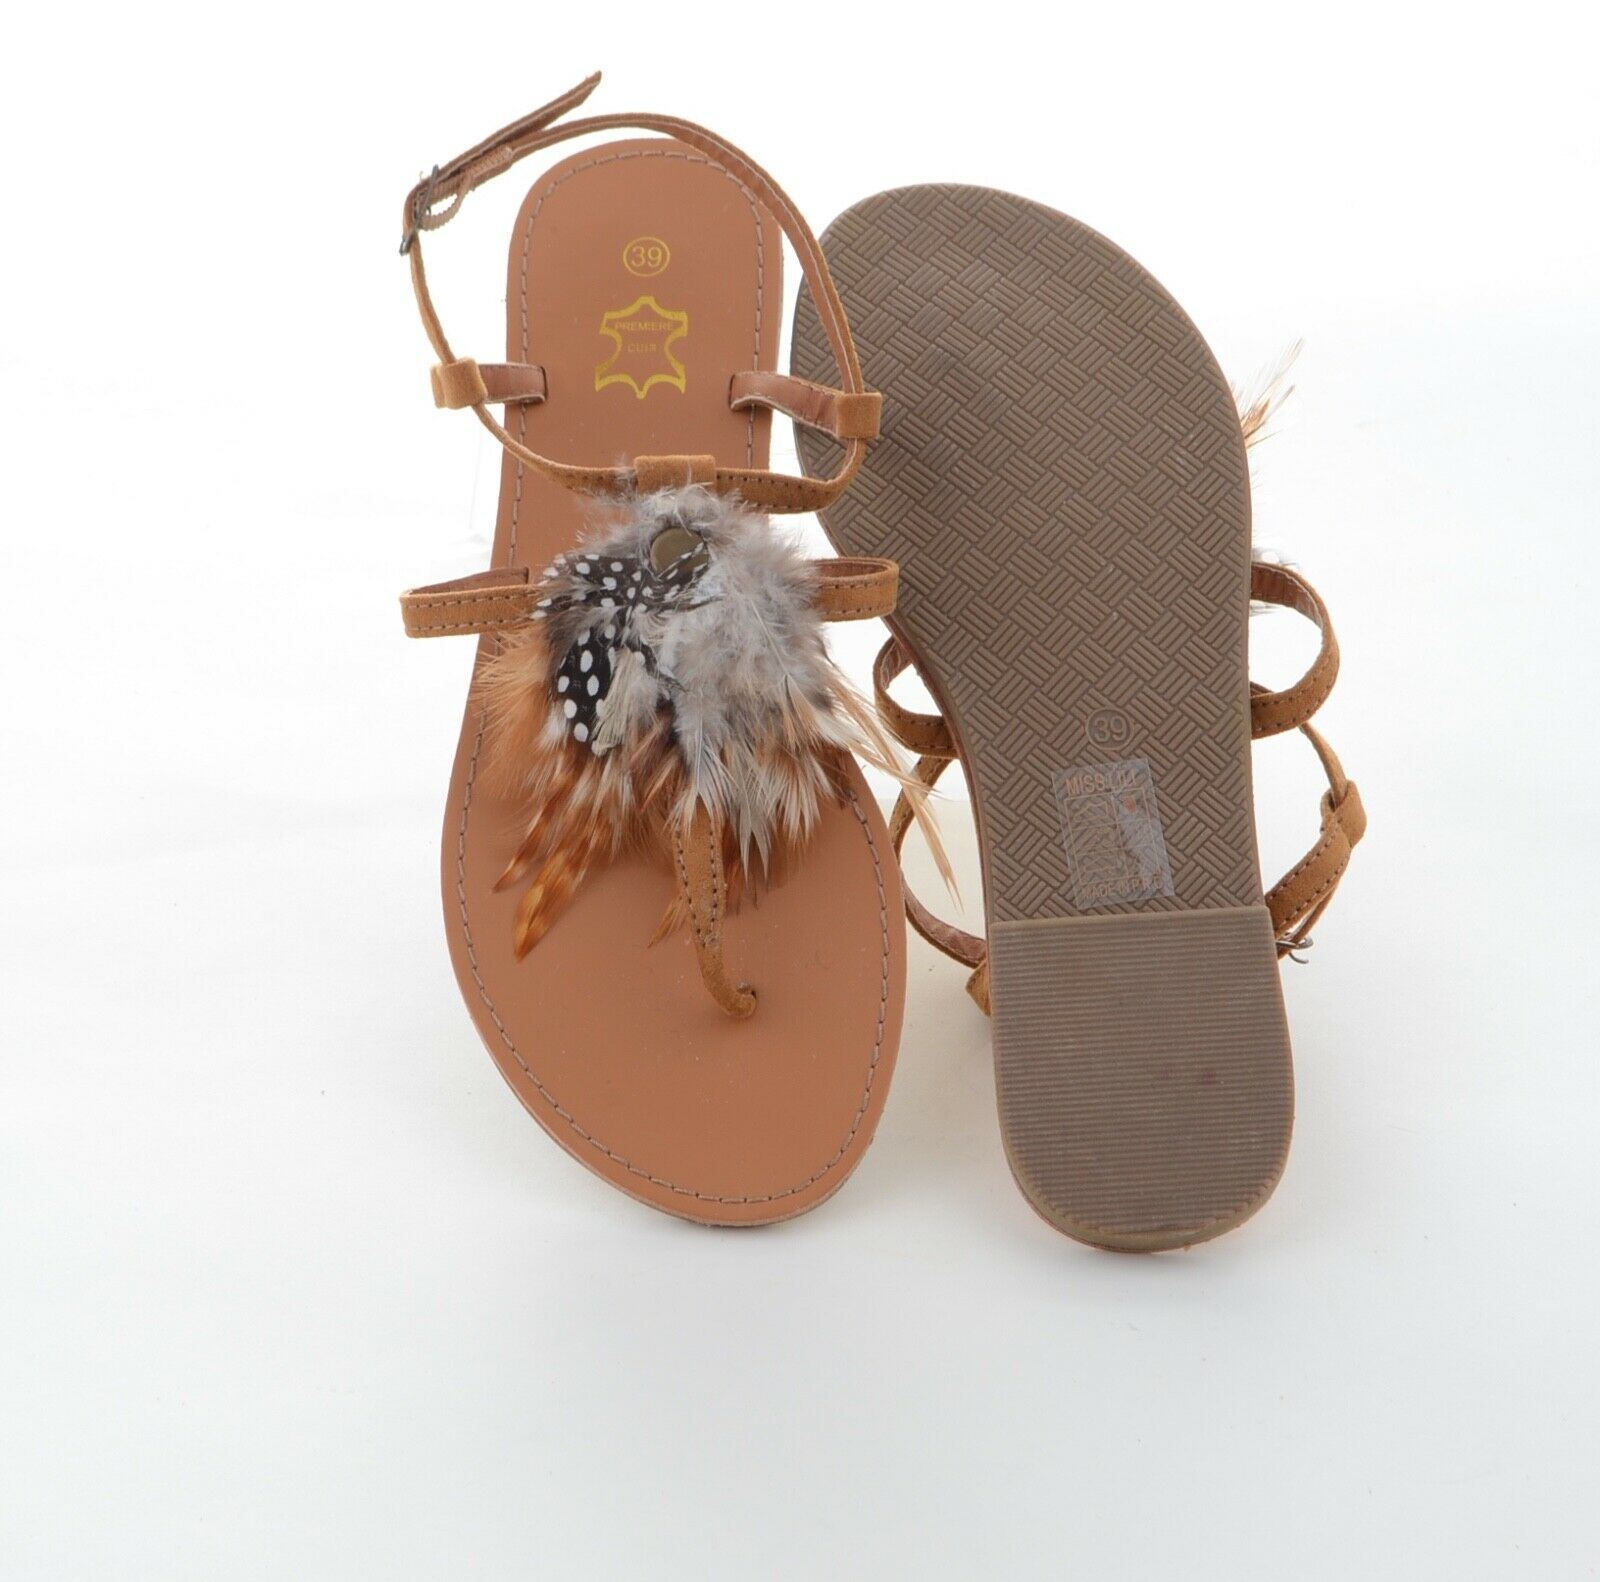 Miss Lili señora de diseño diseño diseño con tiras sandalias dedos de los pies talla 39 marrón de cuero nuevo 43d846